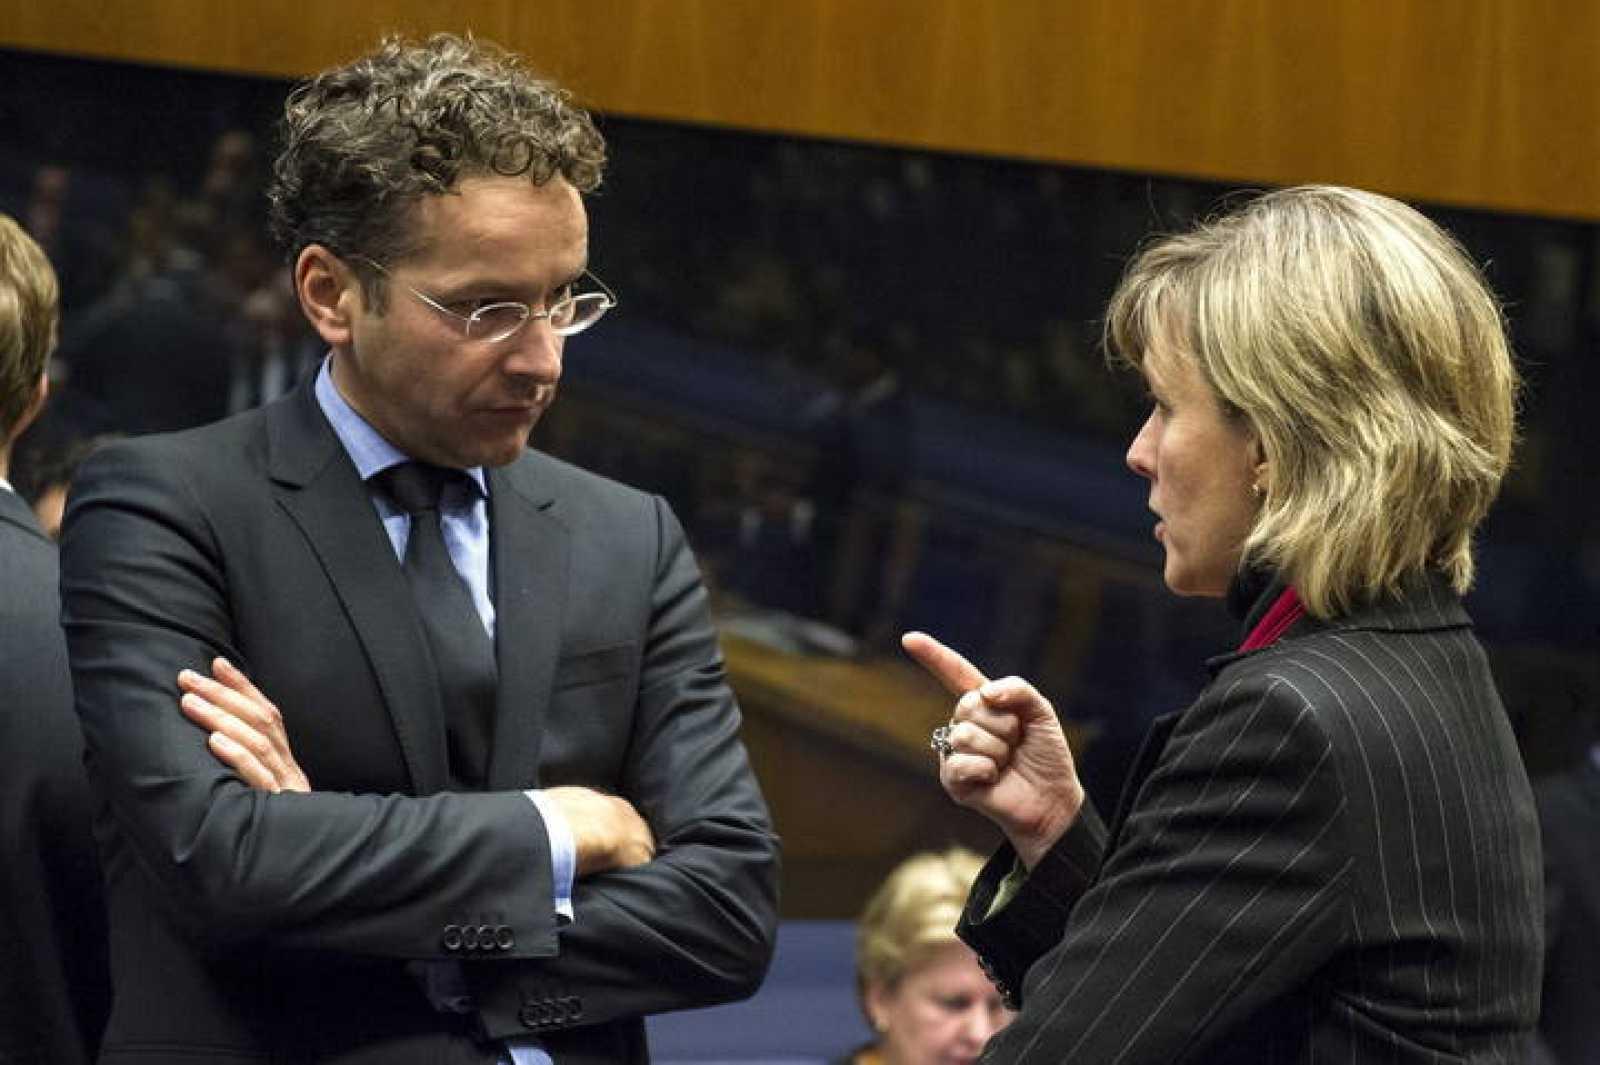 El ministro de Finanzas holandés y presidente del Eurogrupo, Jeroen Dijsselbloem, conversa con la ministra de Finanzas lusa, Maria Luís Albuquerque